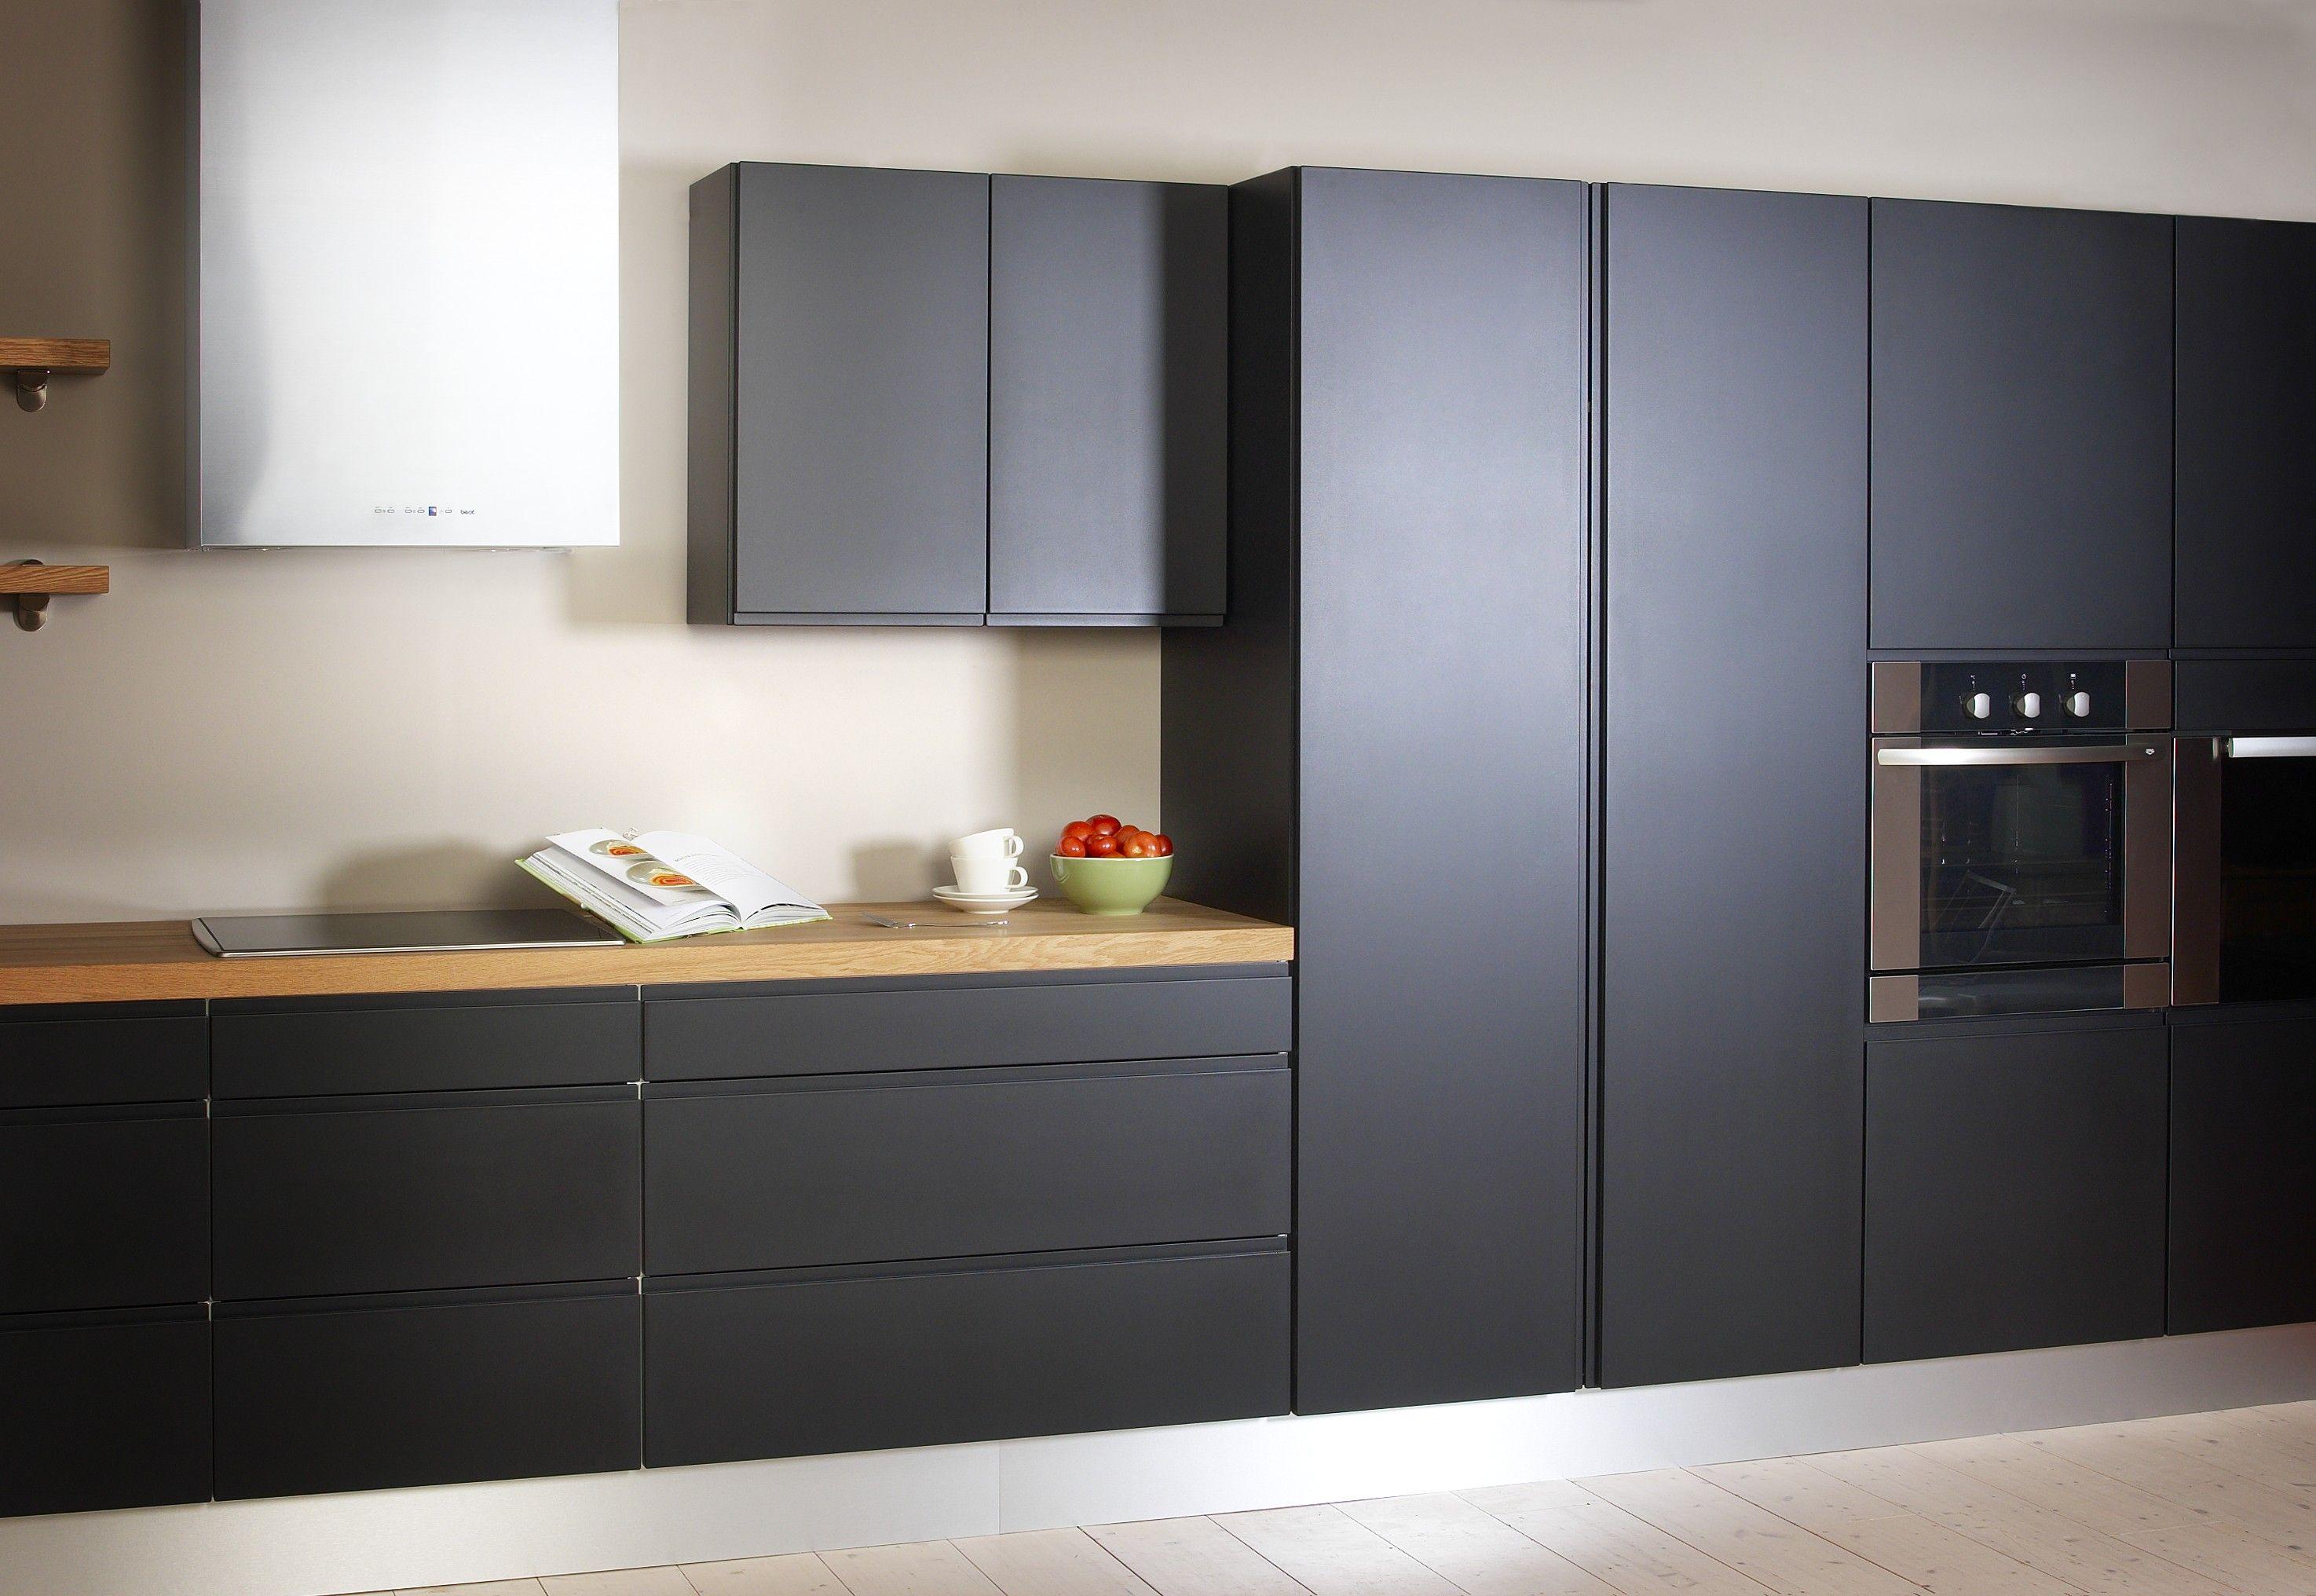 Yhdelle seinustalle rakennettu keittiö Mustat korkeat